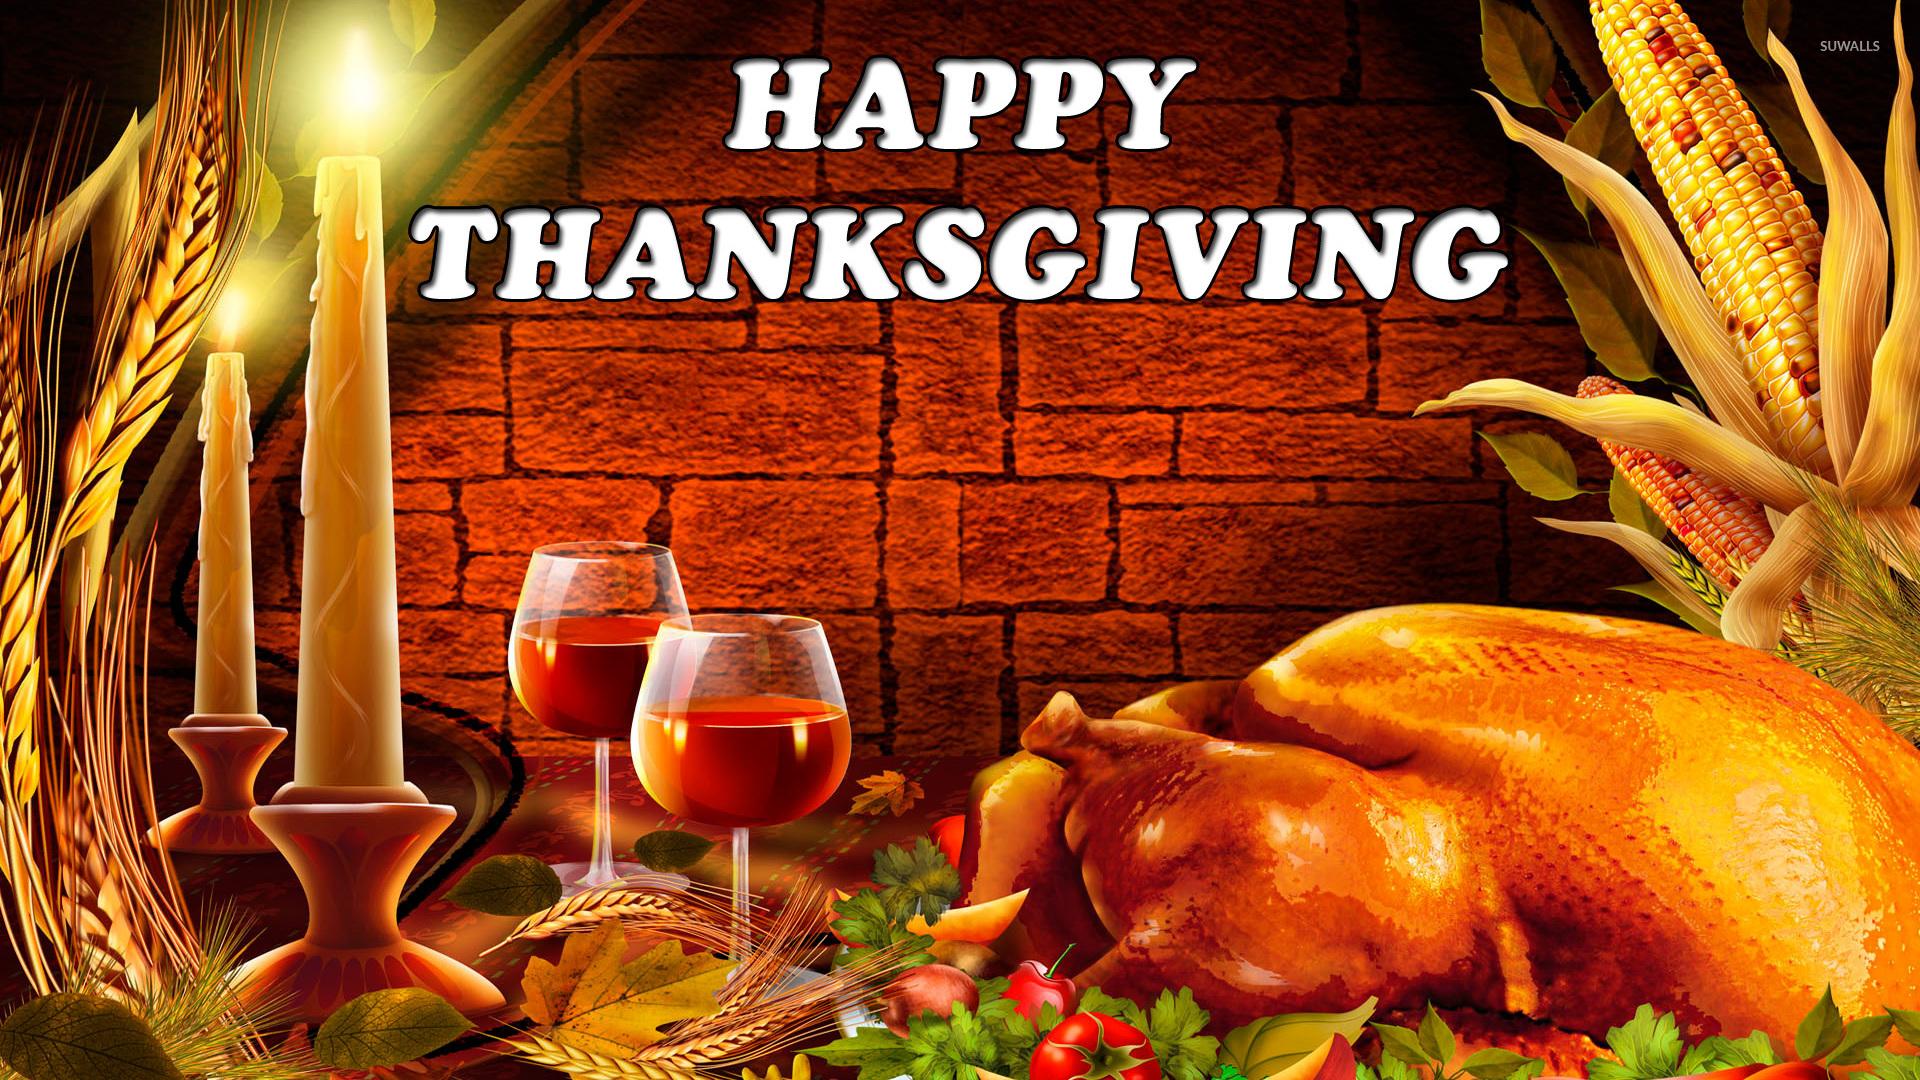 49 thanksgiving holiday desktop wallpaper on - Wallpaper desktop thanksgiving ...